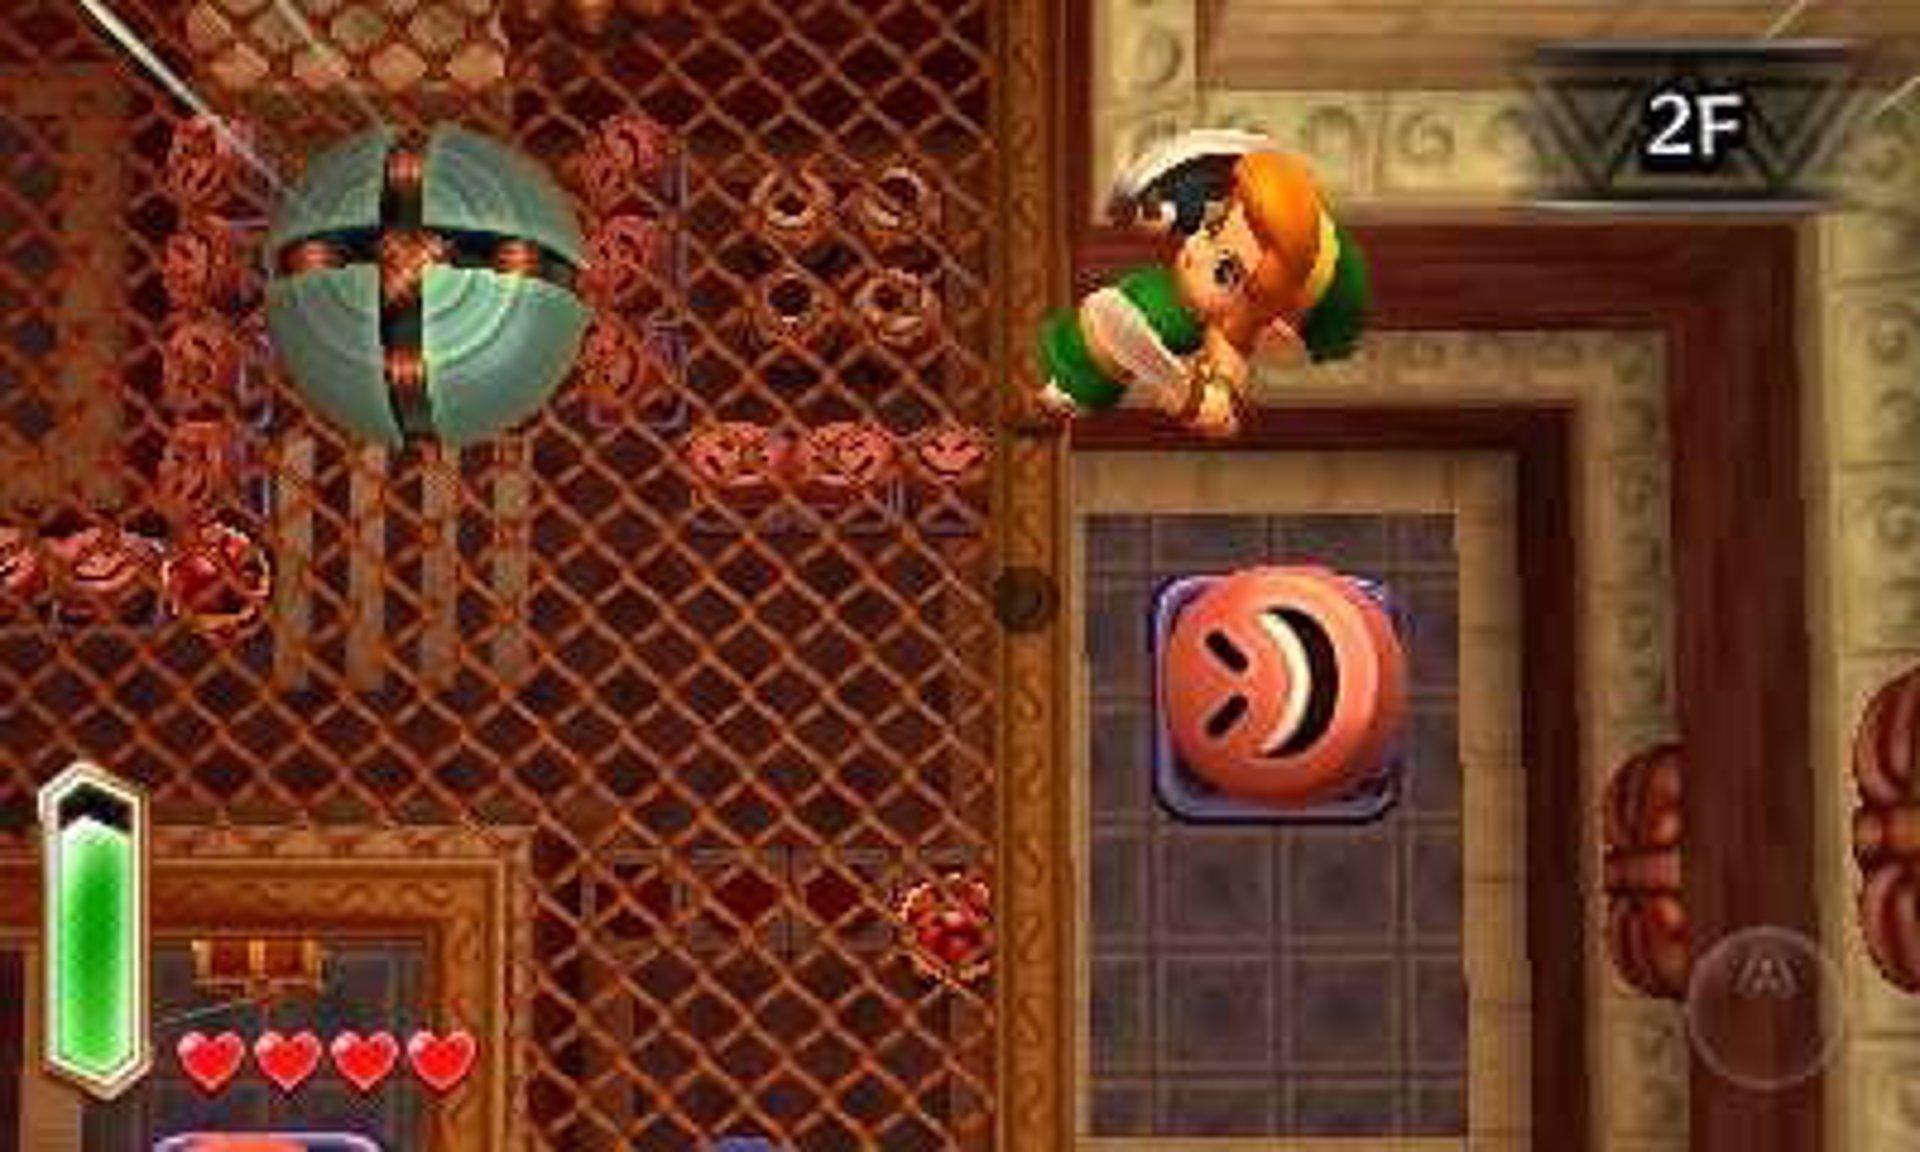 Zelda Vuelve A Nintendo 3ds Con Un Juego Ambientado En El Mundo De A